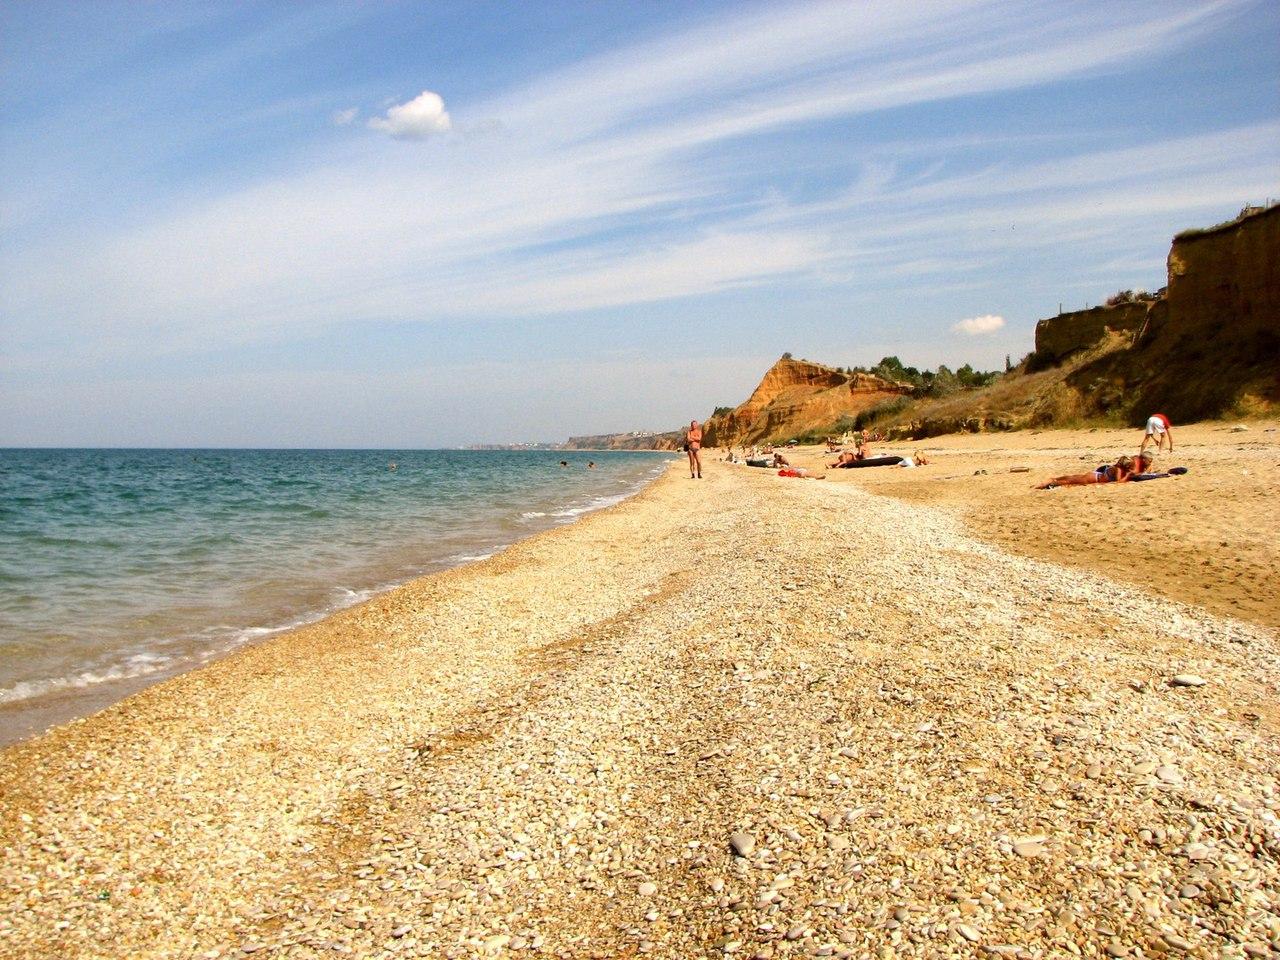 Пляжи Крыма отзывы и фото, путеводитель по лучшим